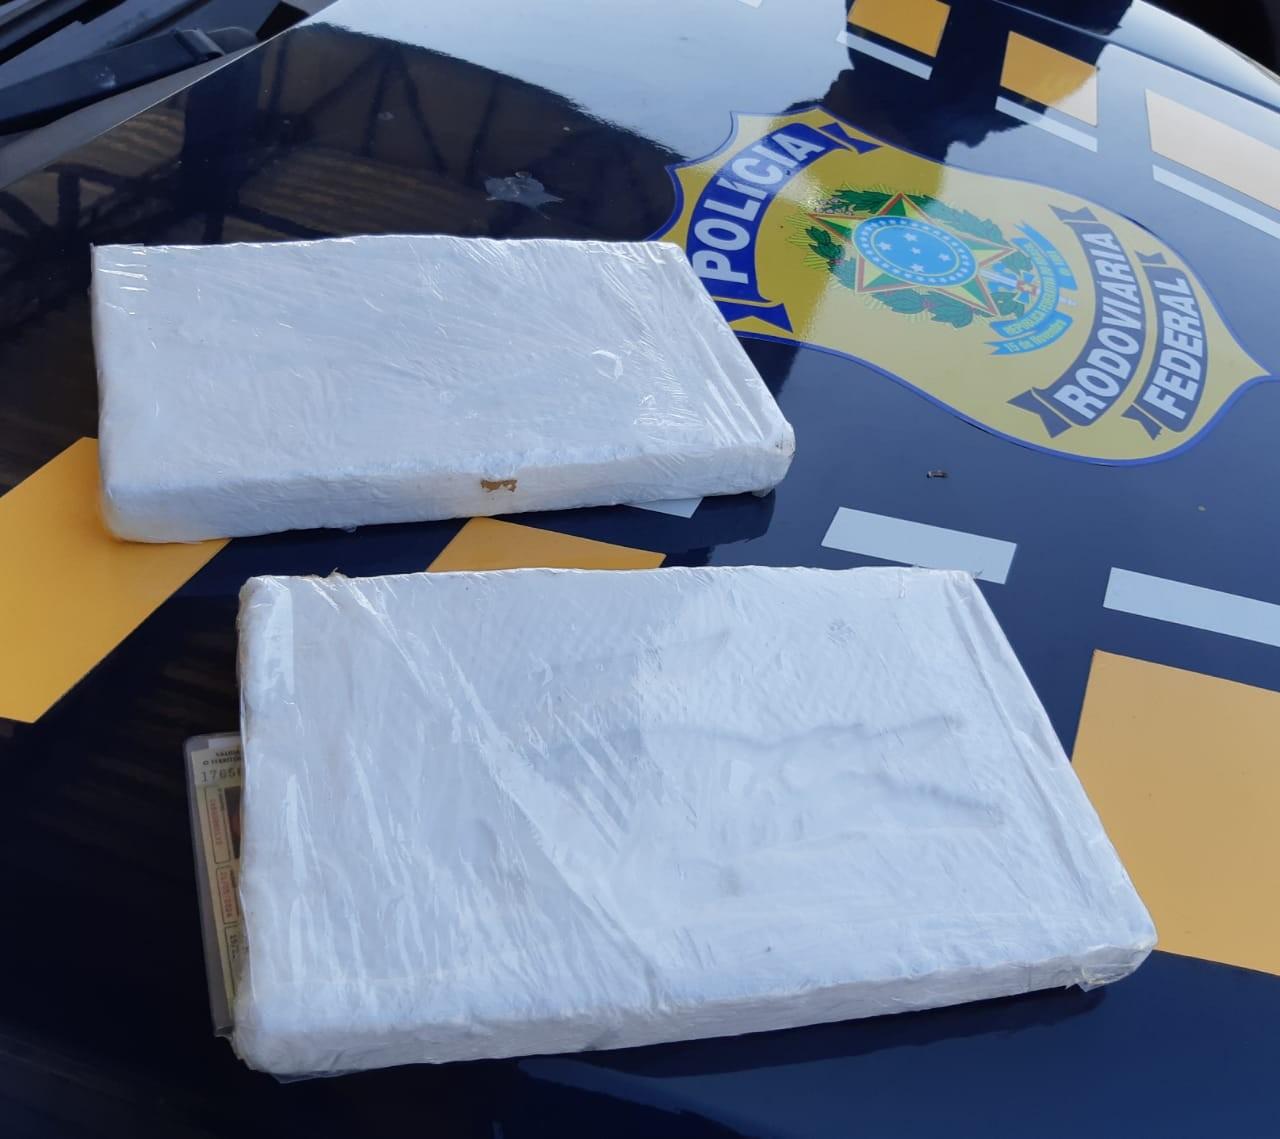 Dupla é presa com 2 quilos de cocaína em fiscalização da PRF na Grande Natal - Notícias - Plantão Diário